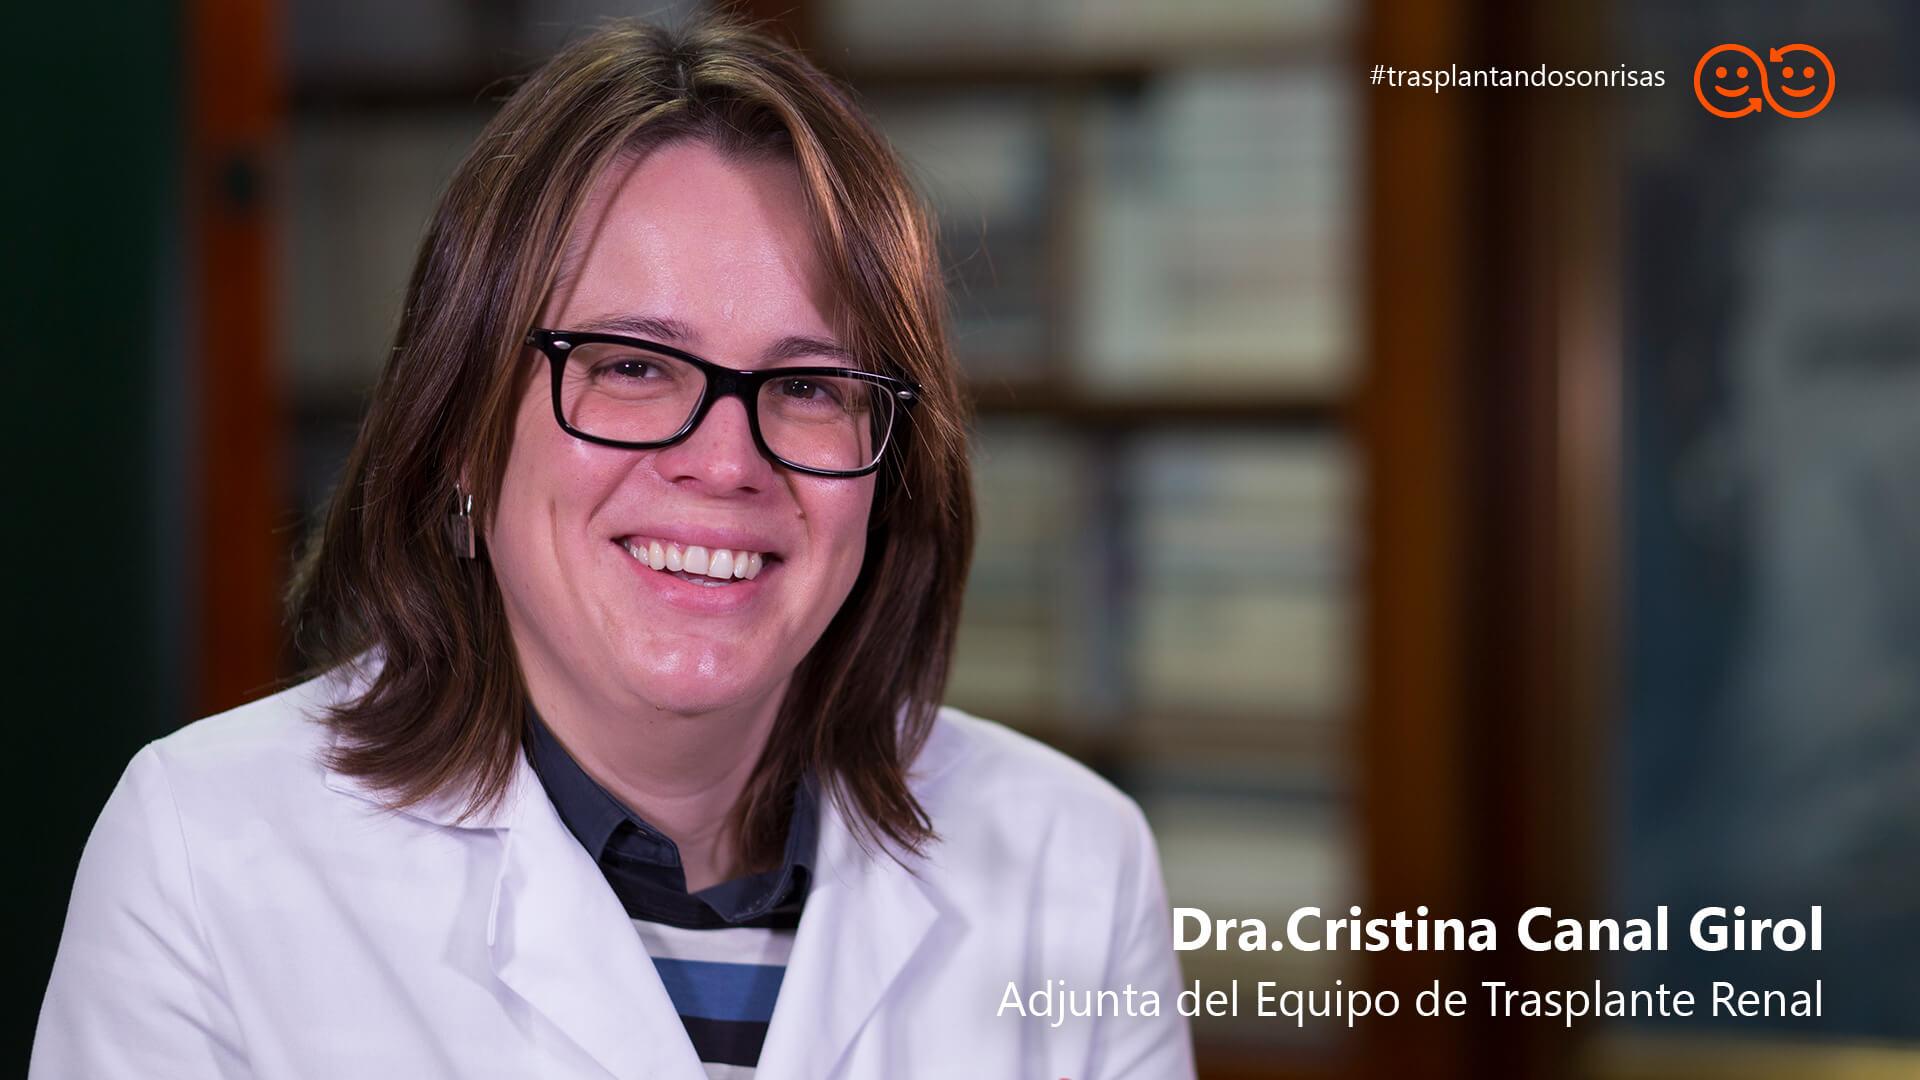 Dra. Cristina Canal Girol